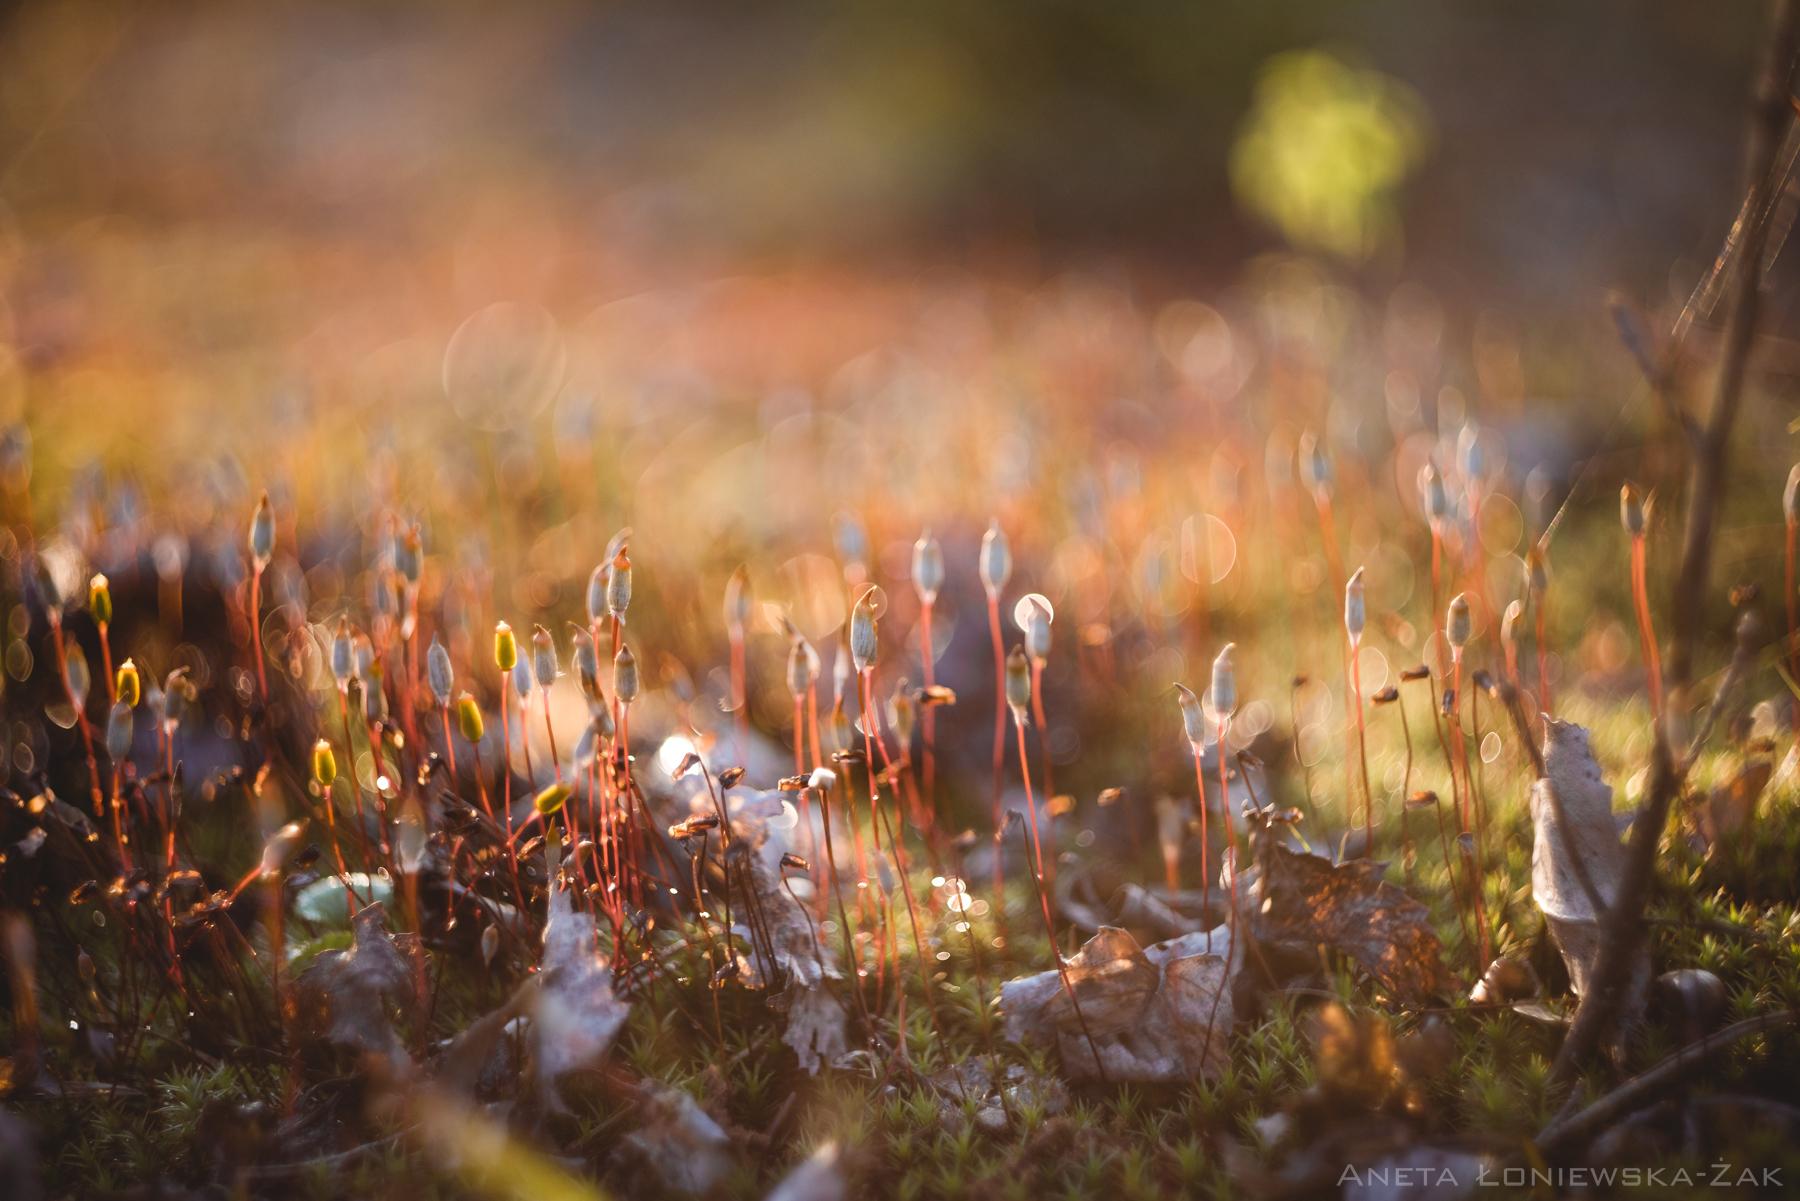 fotografia przyrodnicza, puszcza knyszyńska, mech